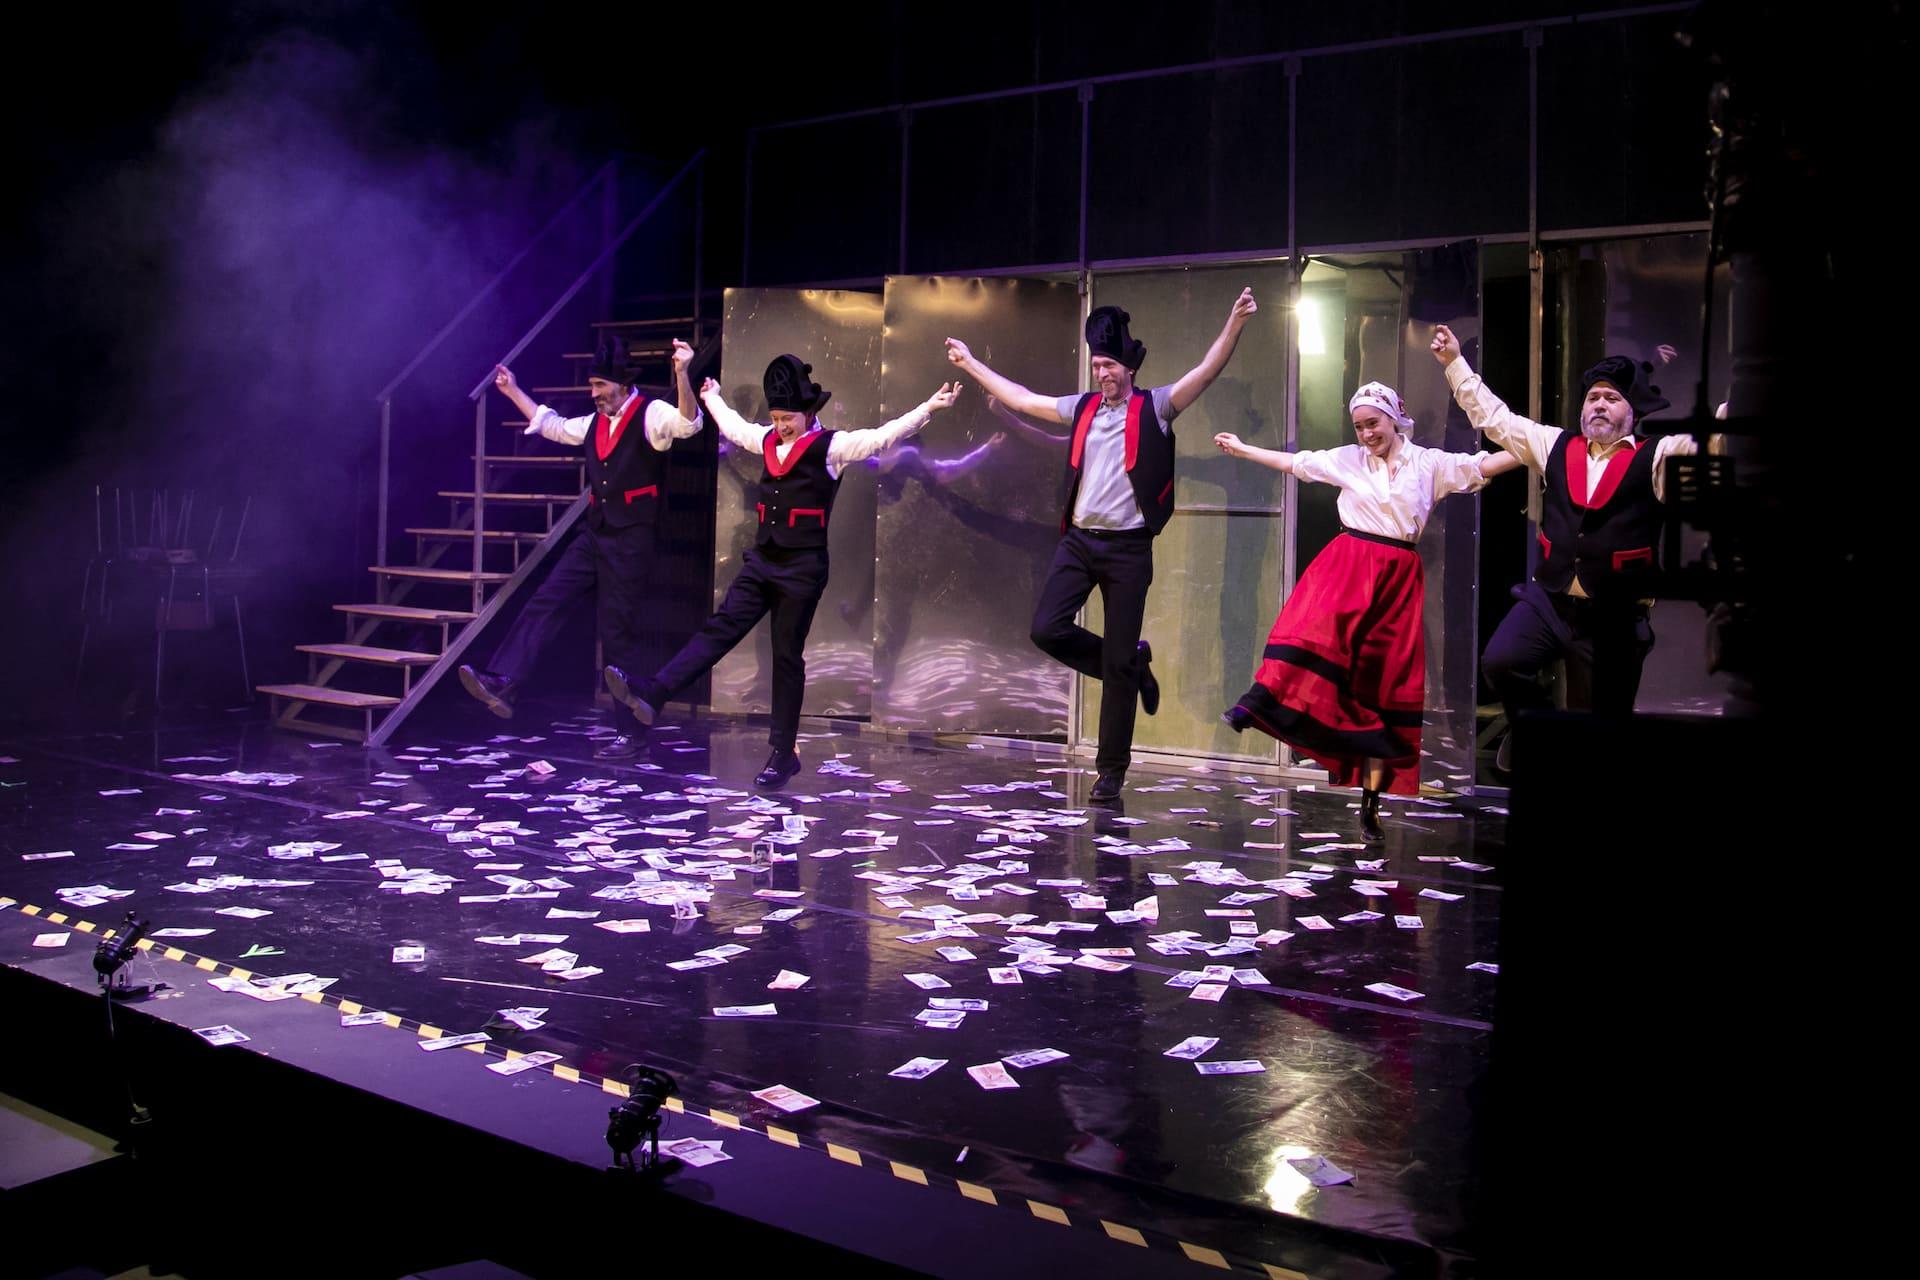 Todos los actores del espectáculo Fariña bailan en el escenario con los brazos en alto y vestidos con trajes folclóricos gallegos